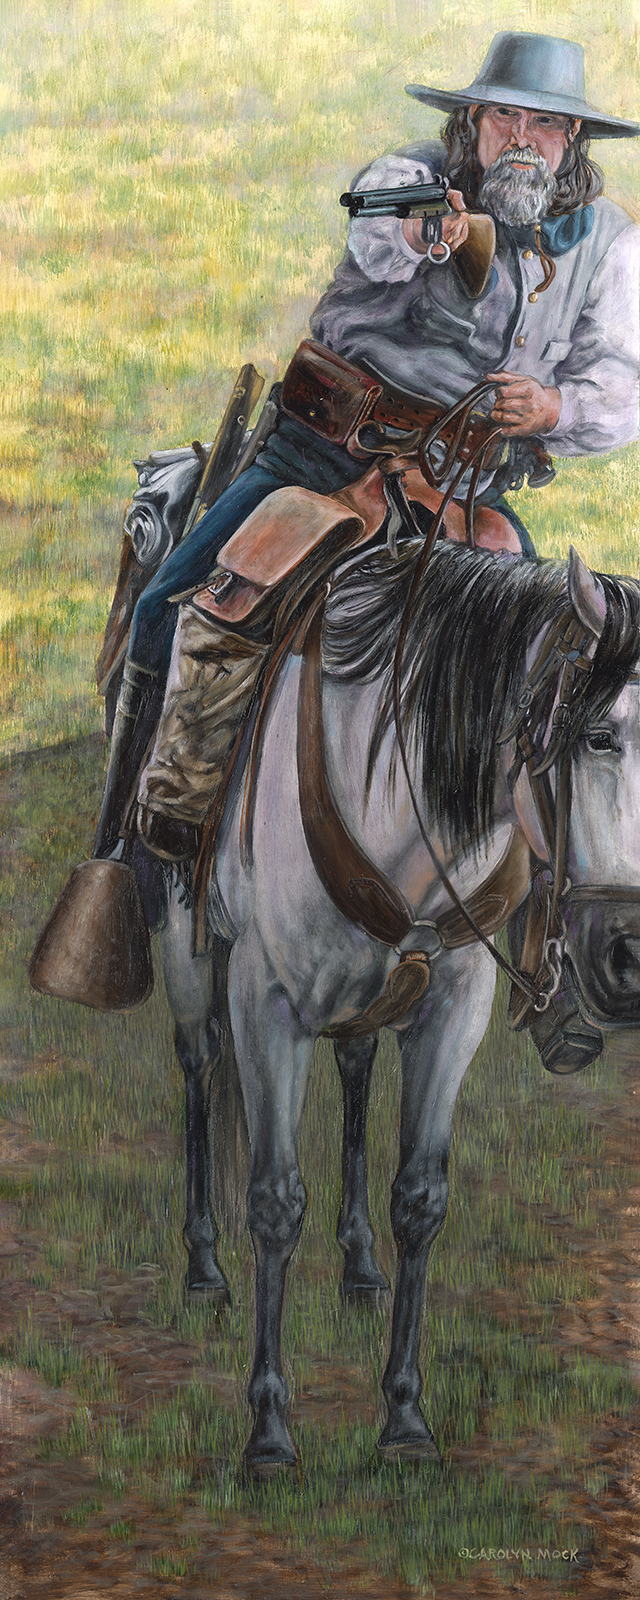 A man aims his gun while riding on horseback.